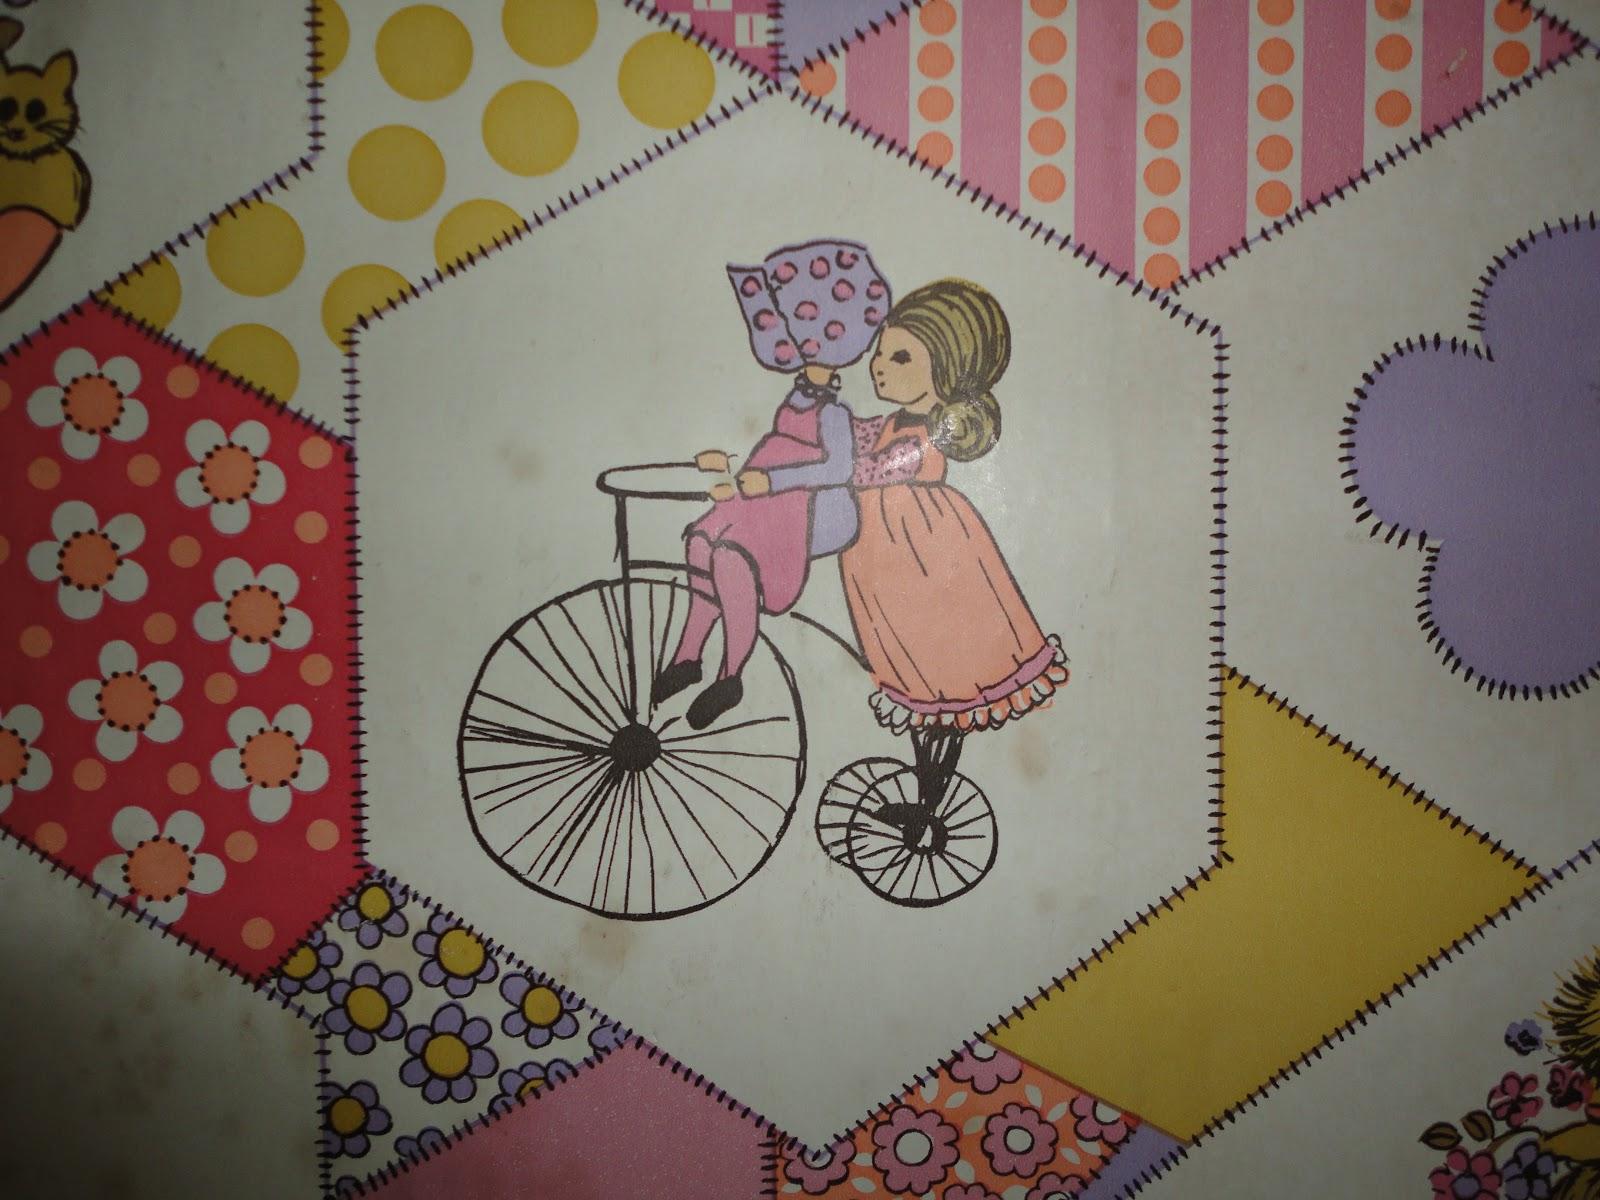 http://2.bp.blogspot.com/-UG0pAlnf_a0/T14M3V1h7DI/AAAAAAAAAPg/FgbxBZ-7ruM/s1600/wallpaper1.JPG